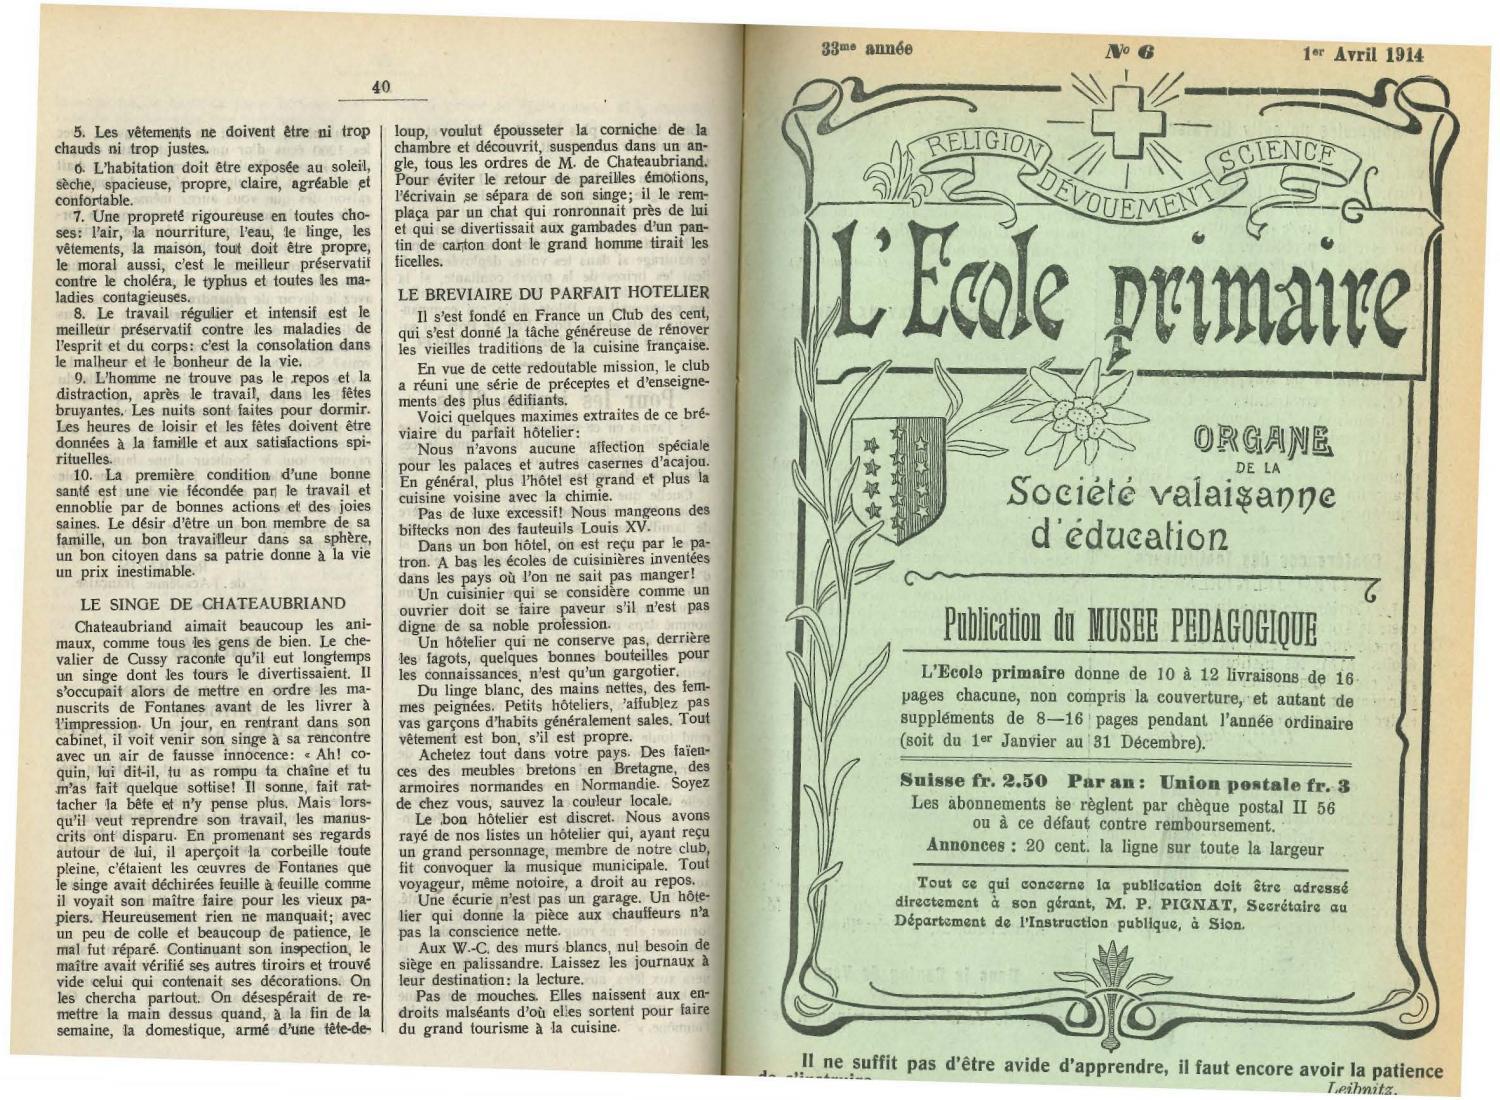 No 06 L Ecole Primaire 1er Avril 1914 By Resonances Mensuel De L Ecole Valaisanne Issuu